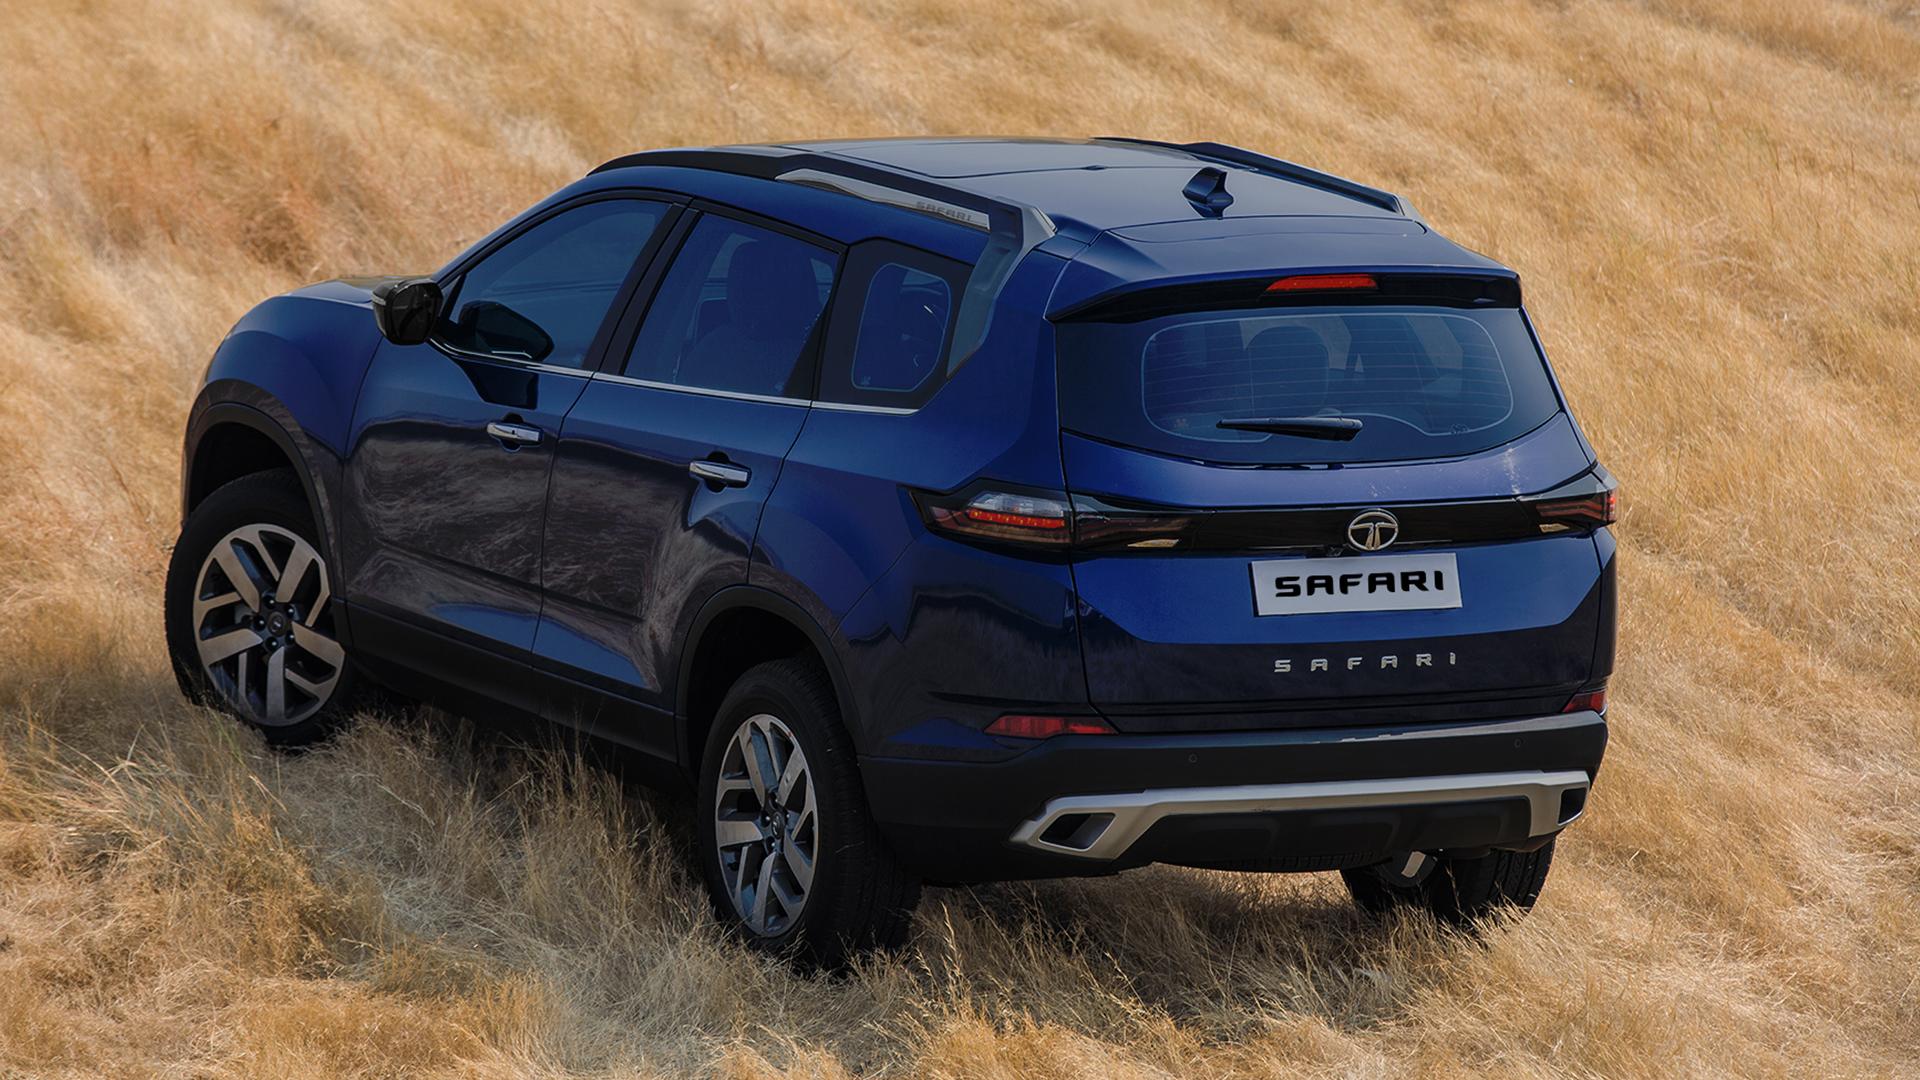 Tata Safari 2021 XZA Plus Exterior